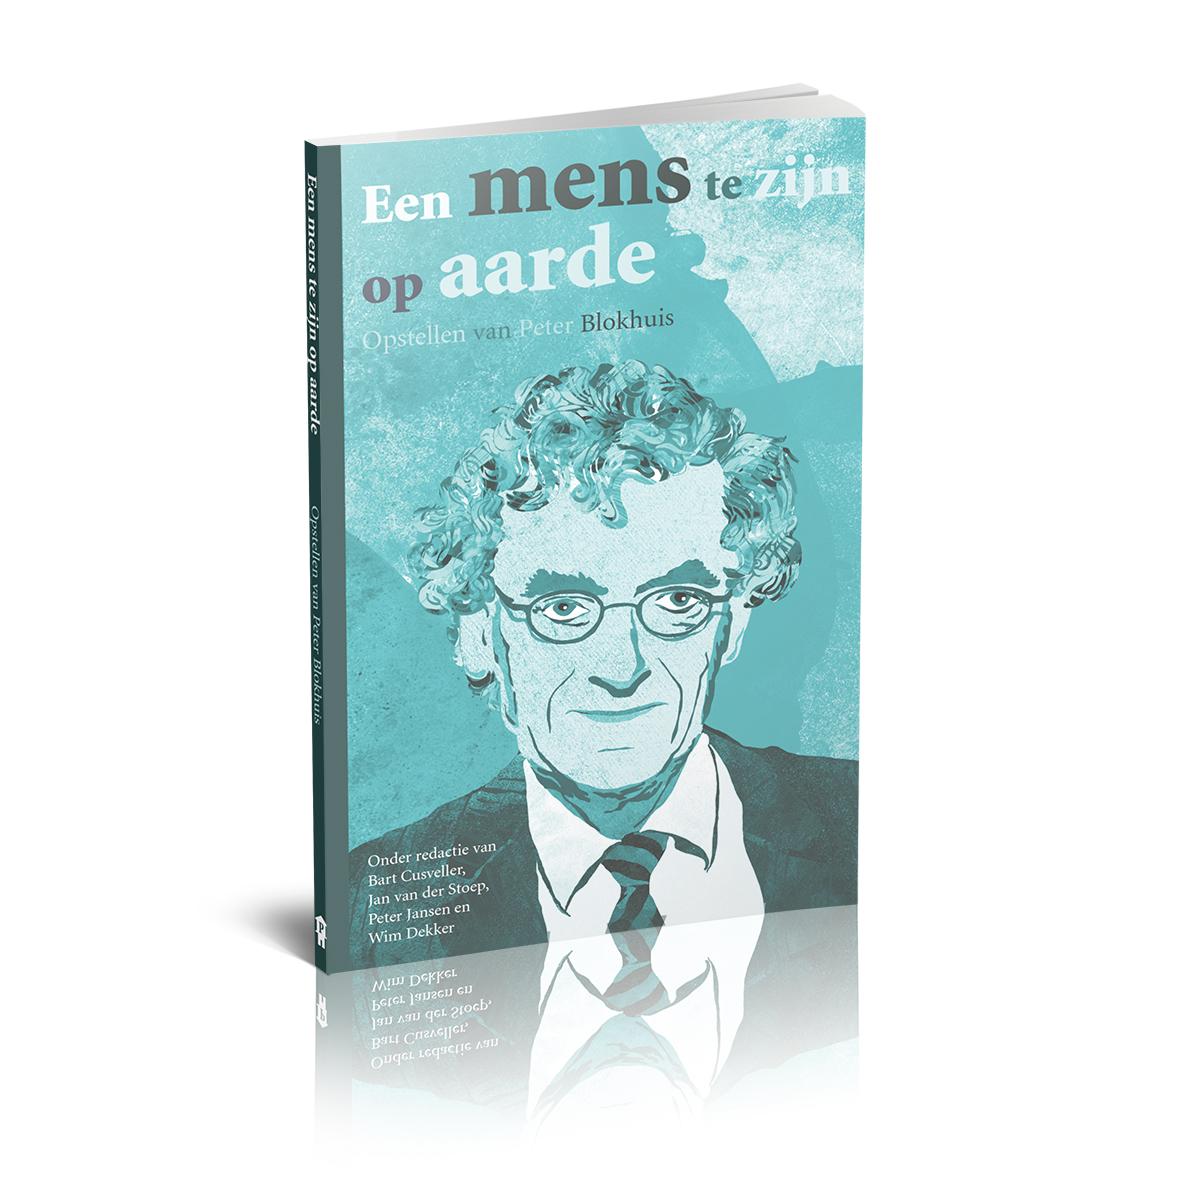 Boekomslag Peter Blokhuis